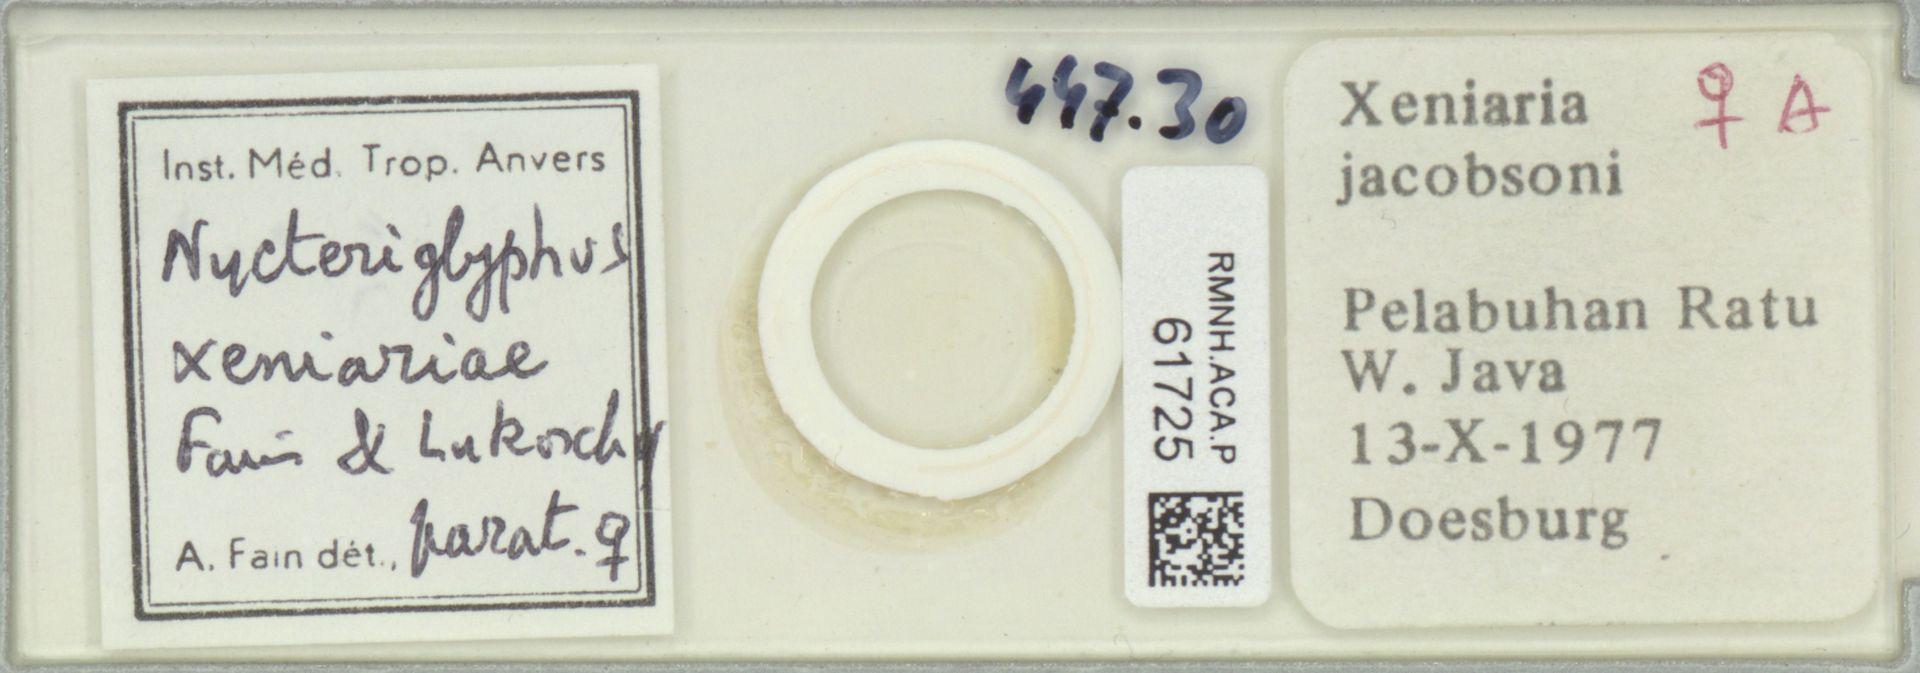 RMNH.ACA.P.61725   Nycteripglyphus xeniariae Fain & Lukoschus